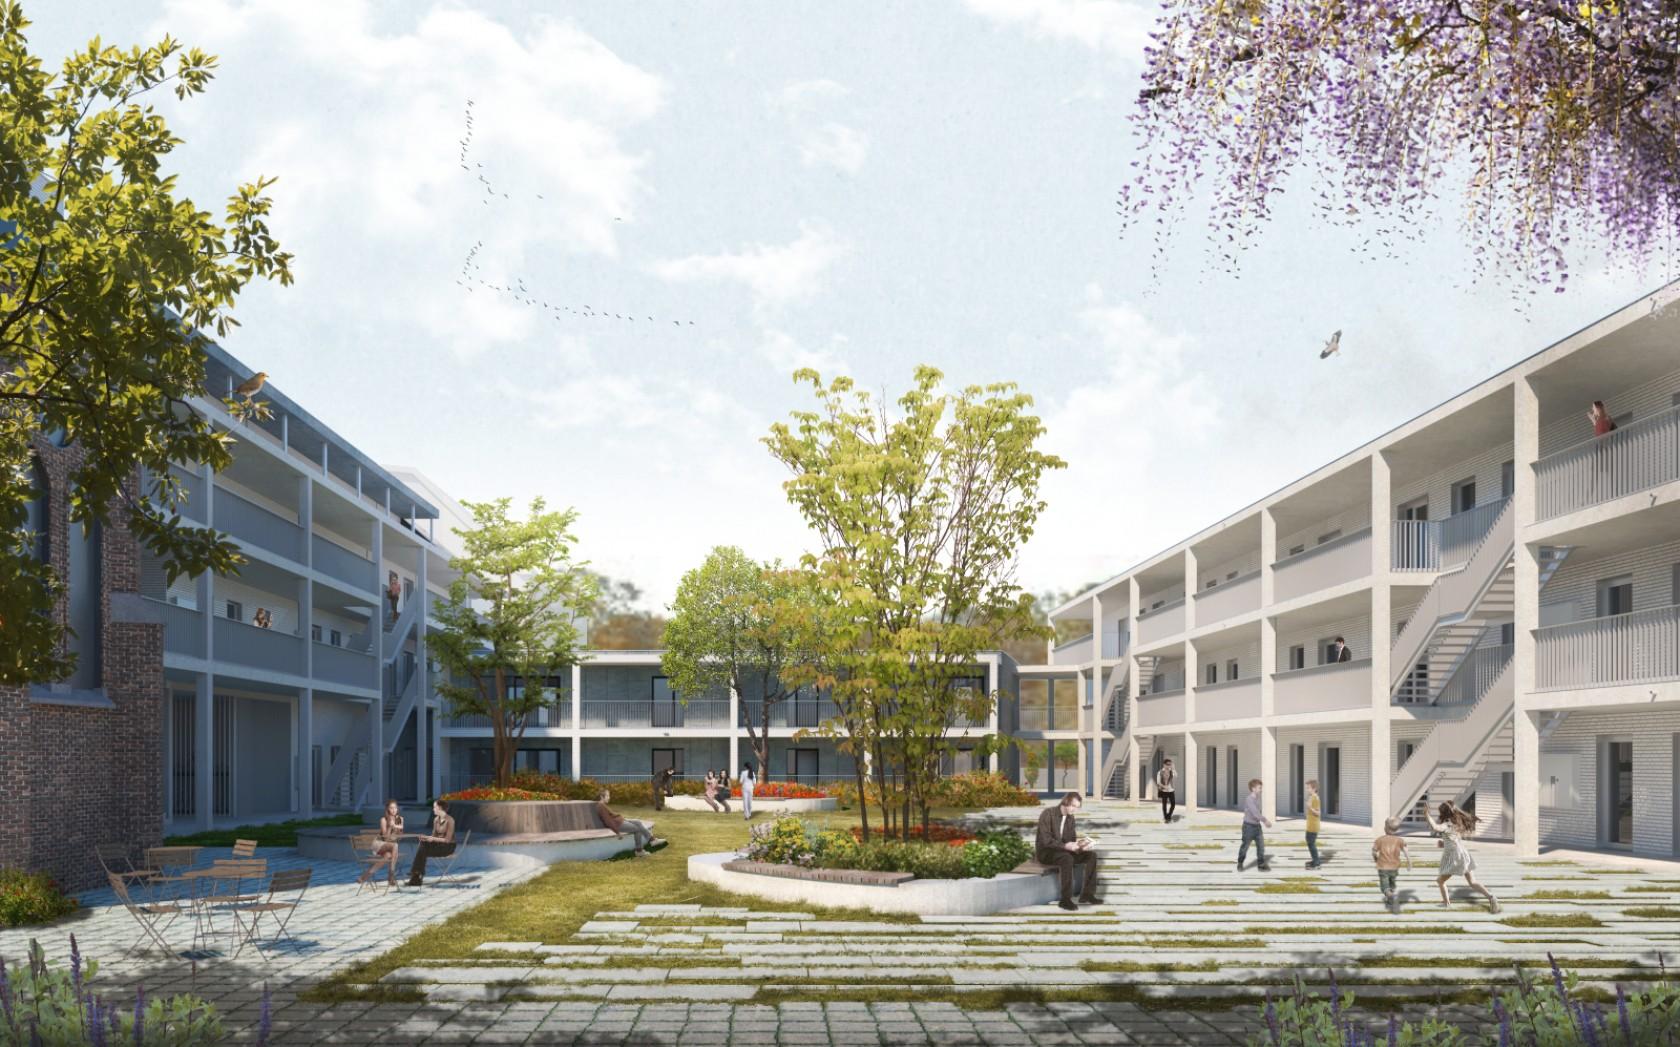 Abscis Architecten - visualisatie binnenplein - Abscis Architecten